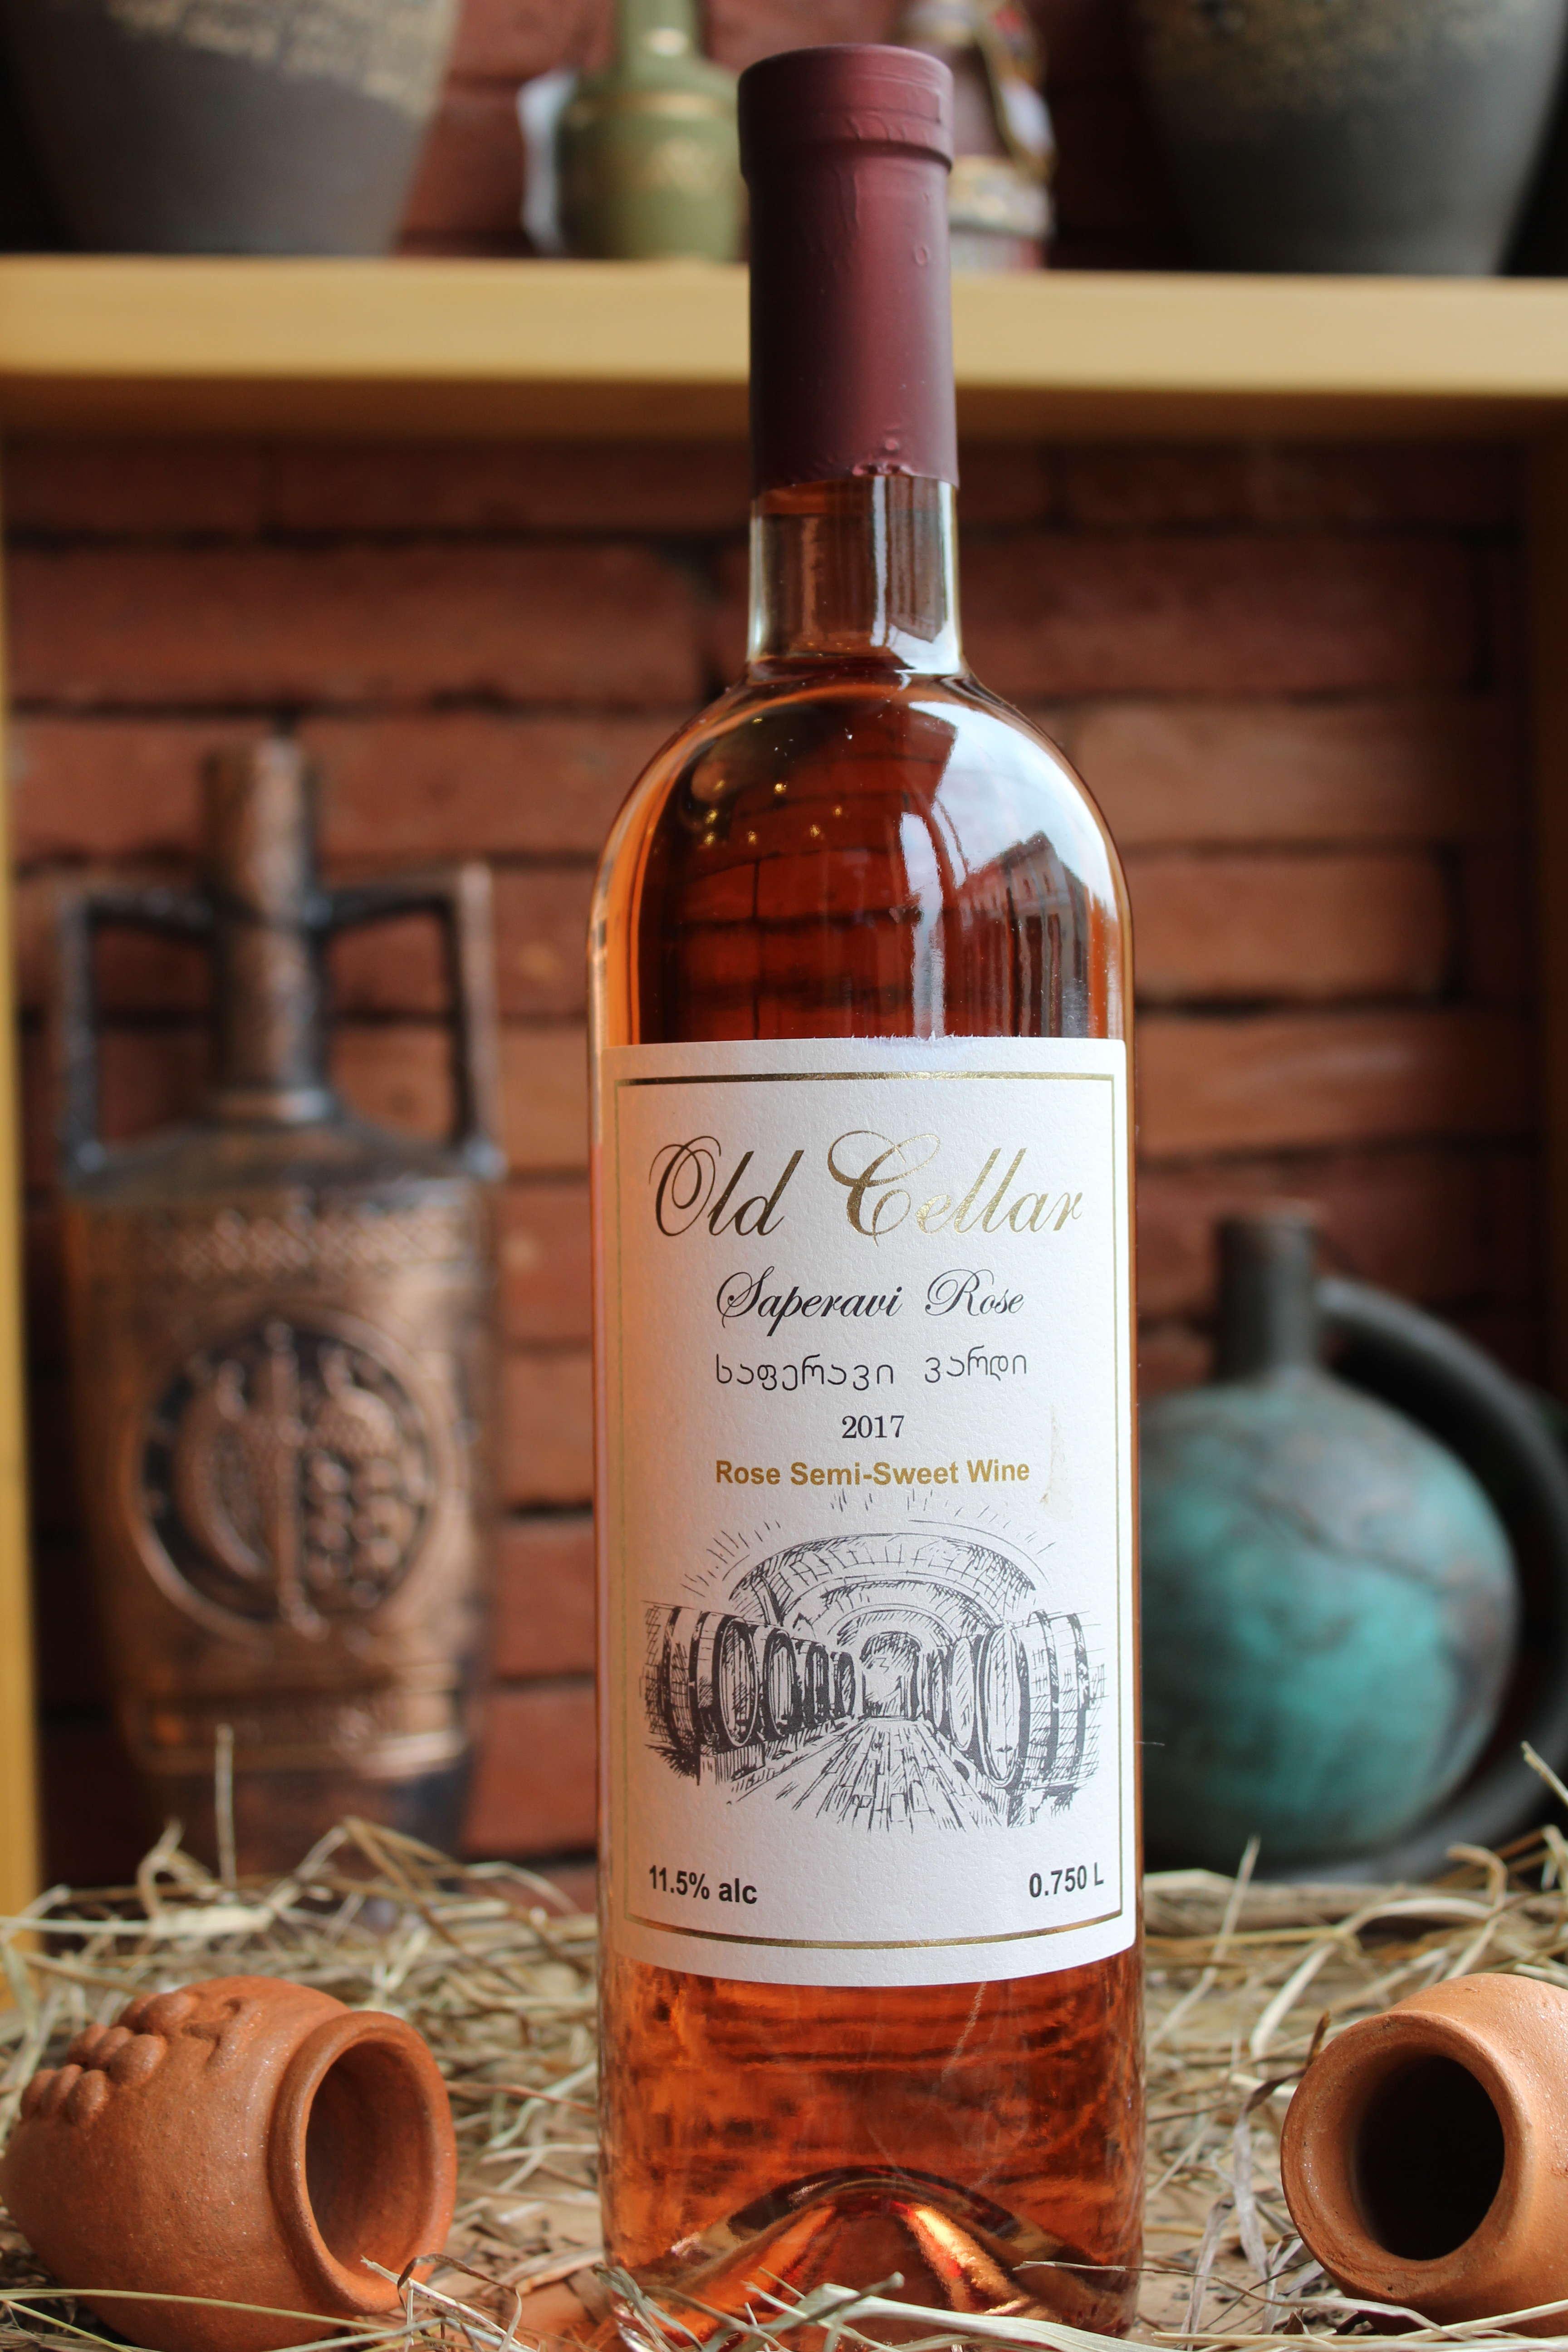 Old Cellar - Saperavi Rose semi-sweet